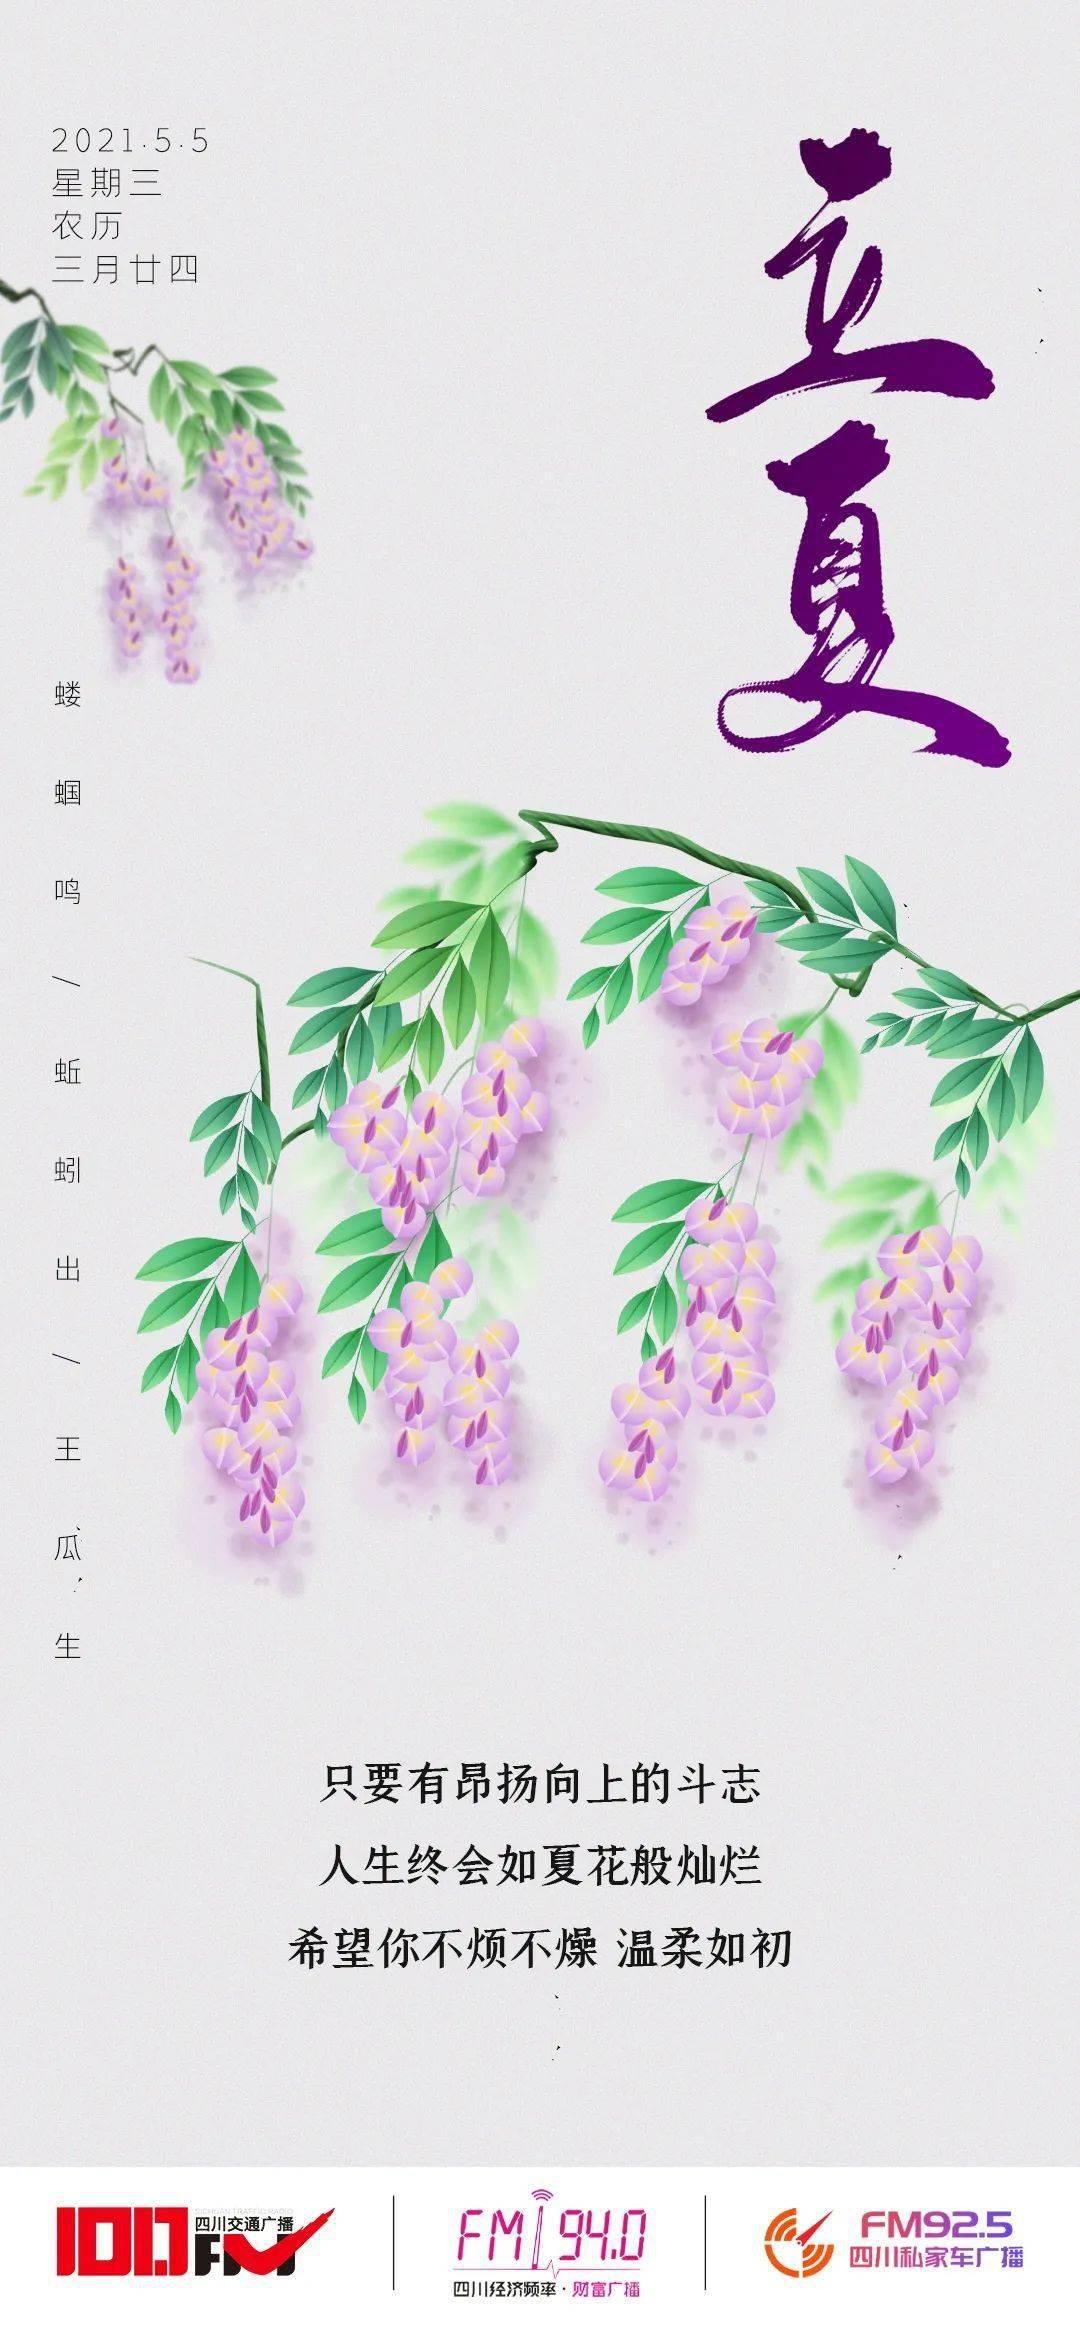 【1017丨节气】今日立夏